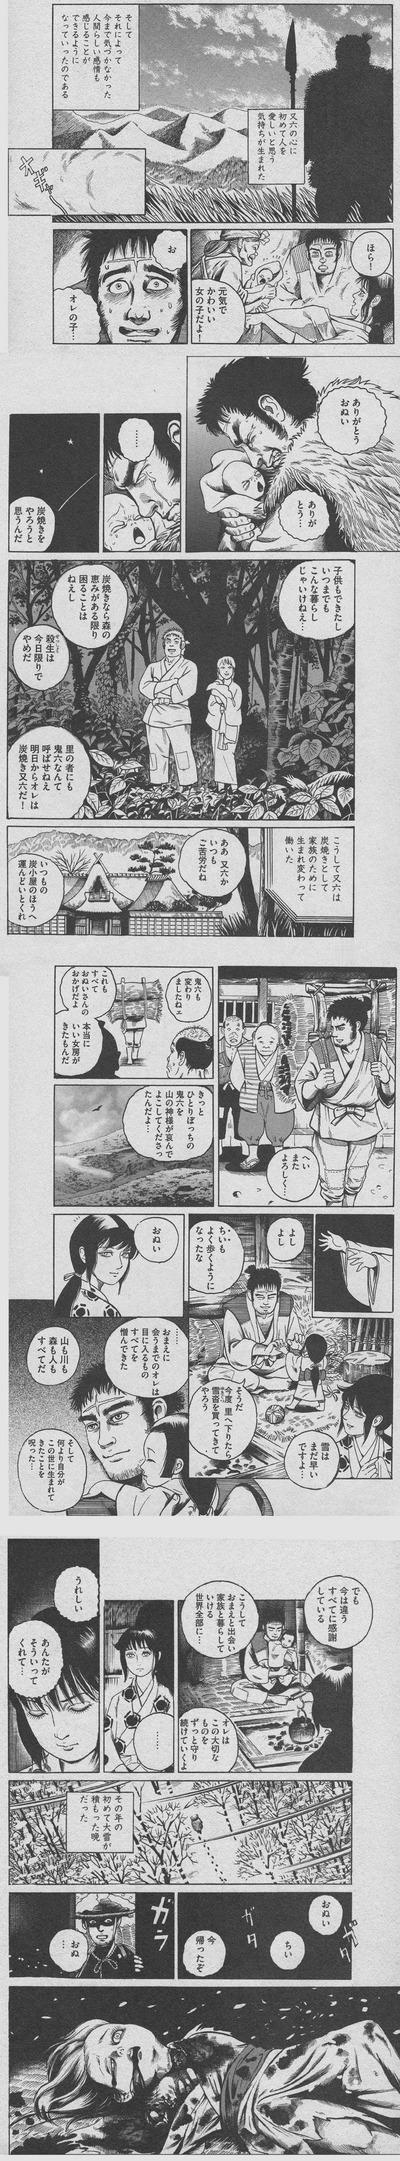 sumiyaki-mataroku03